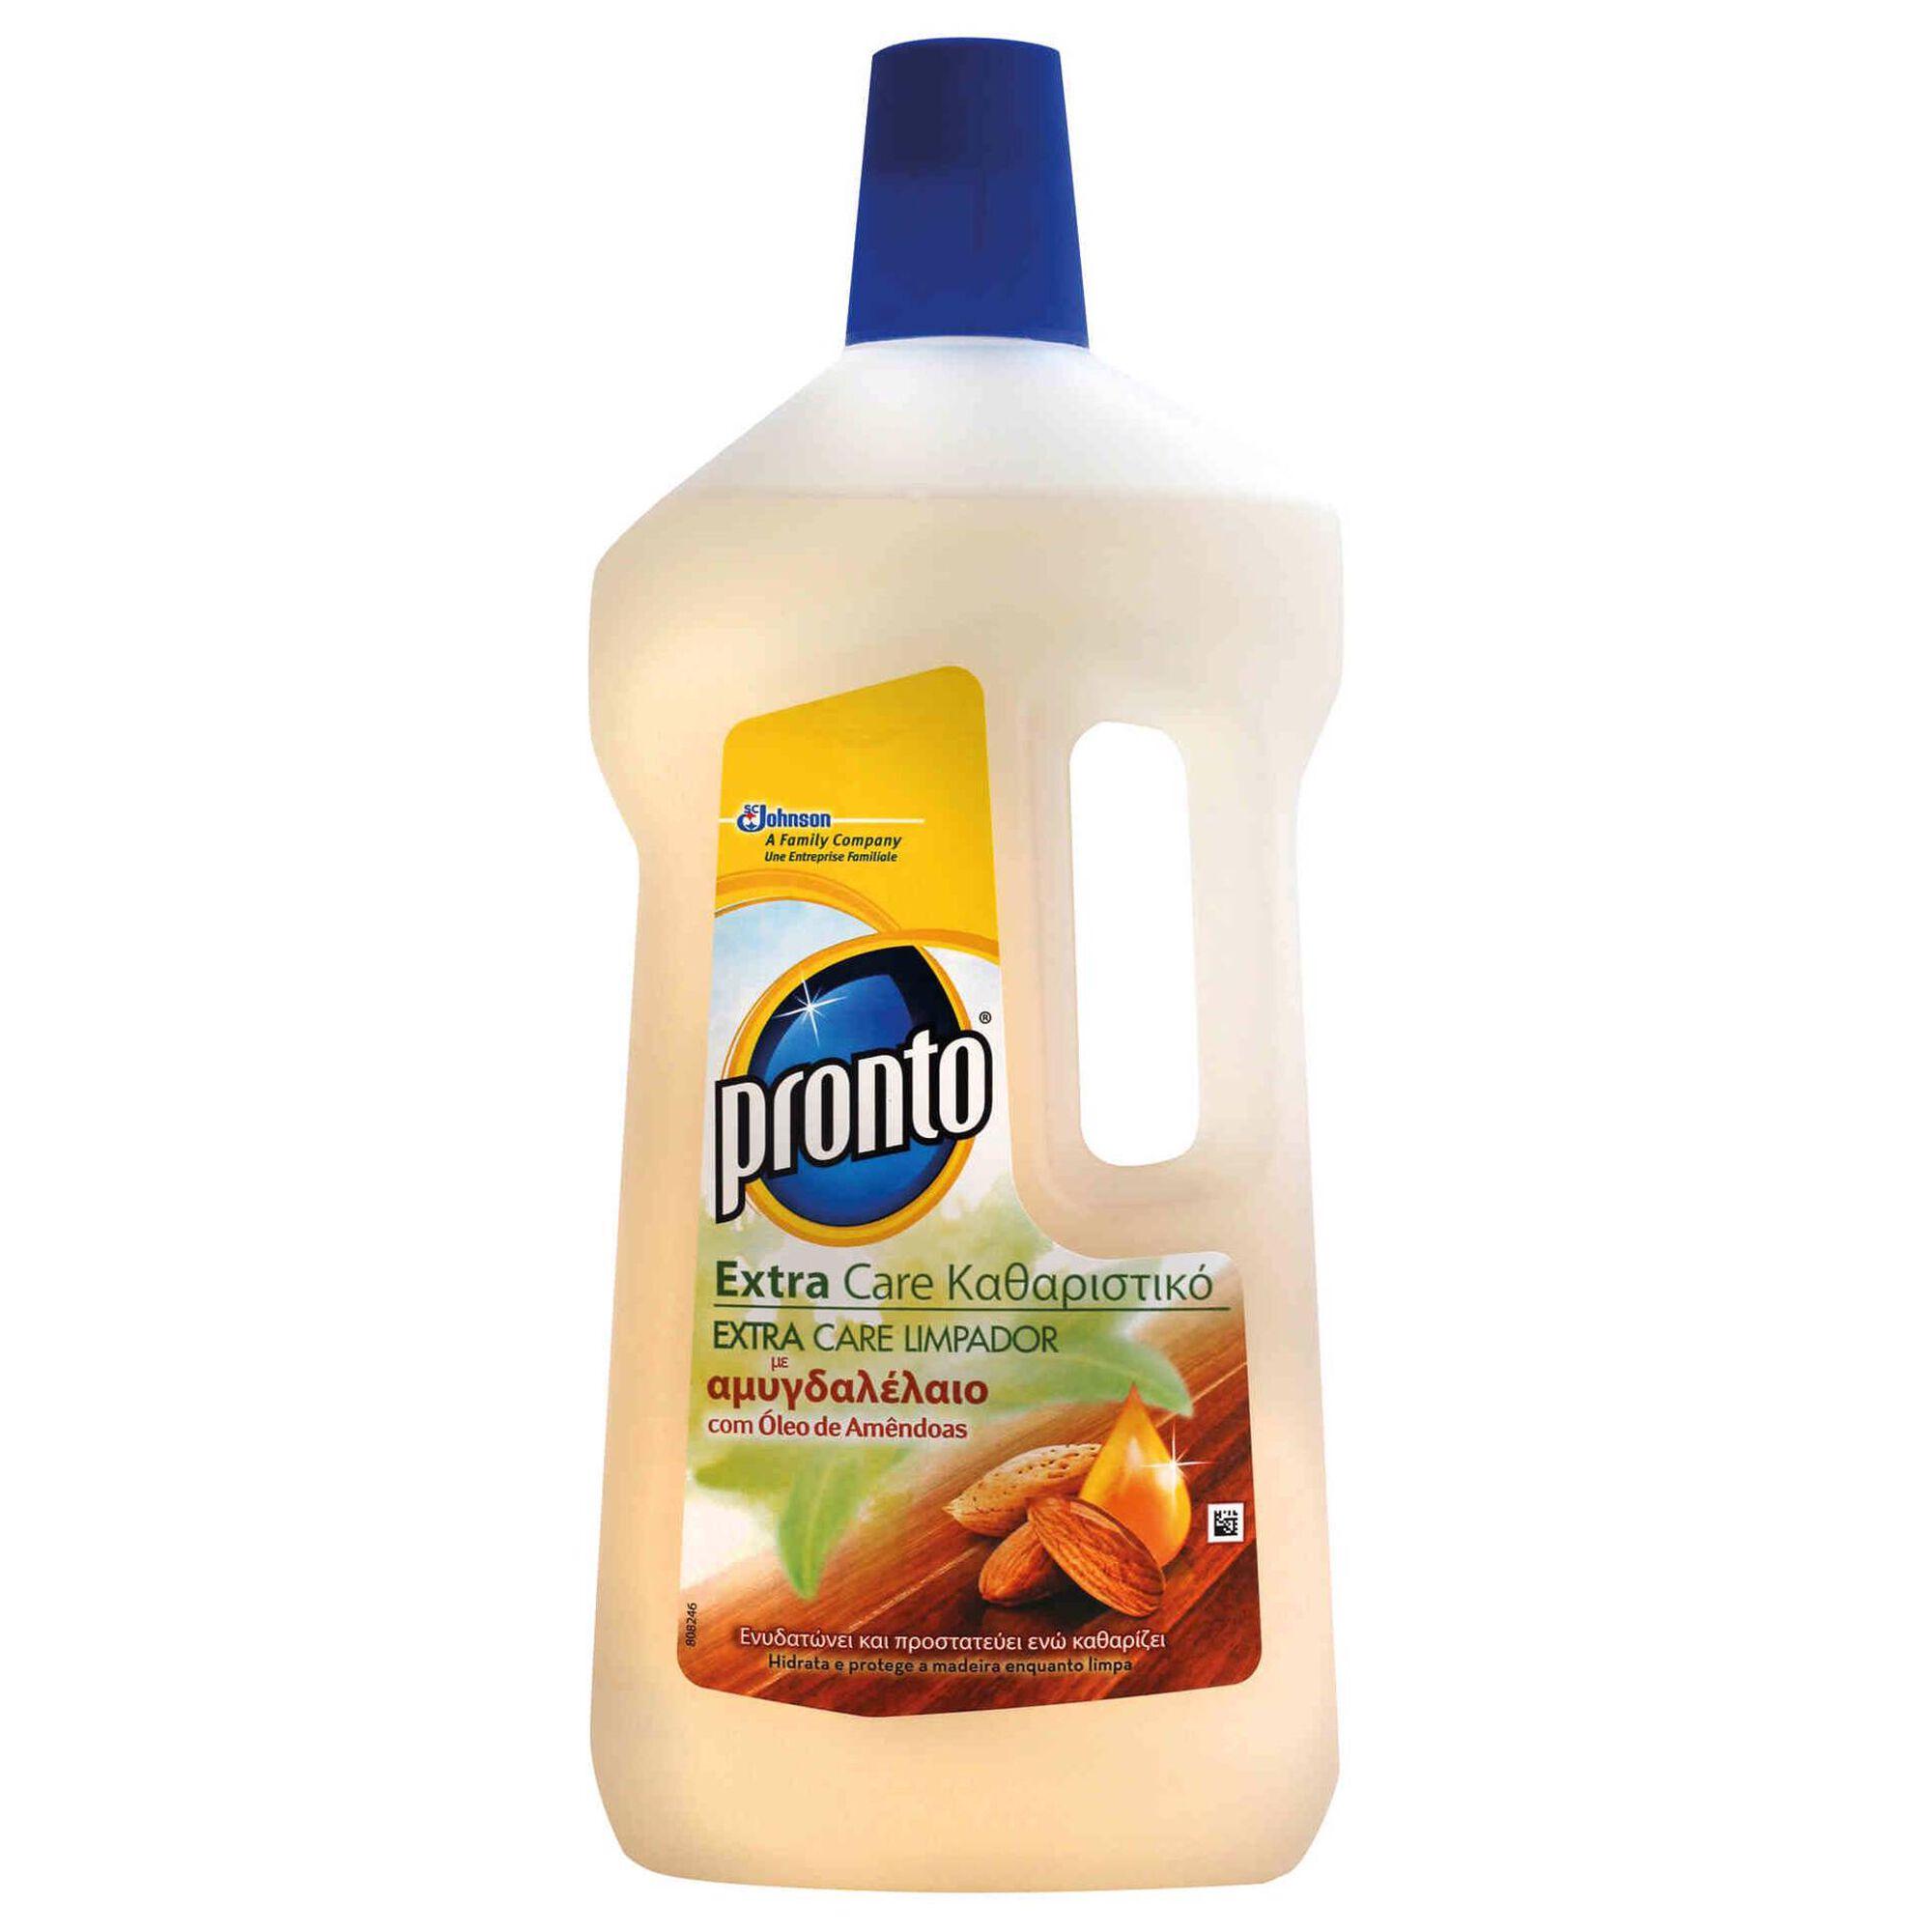 Lava Tudo Madeiras Extra Care com Óleo de Amêndoas